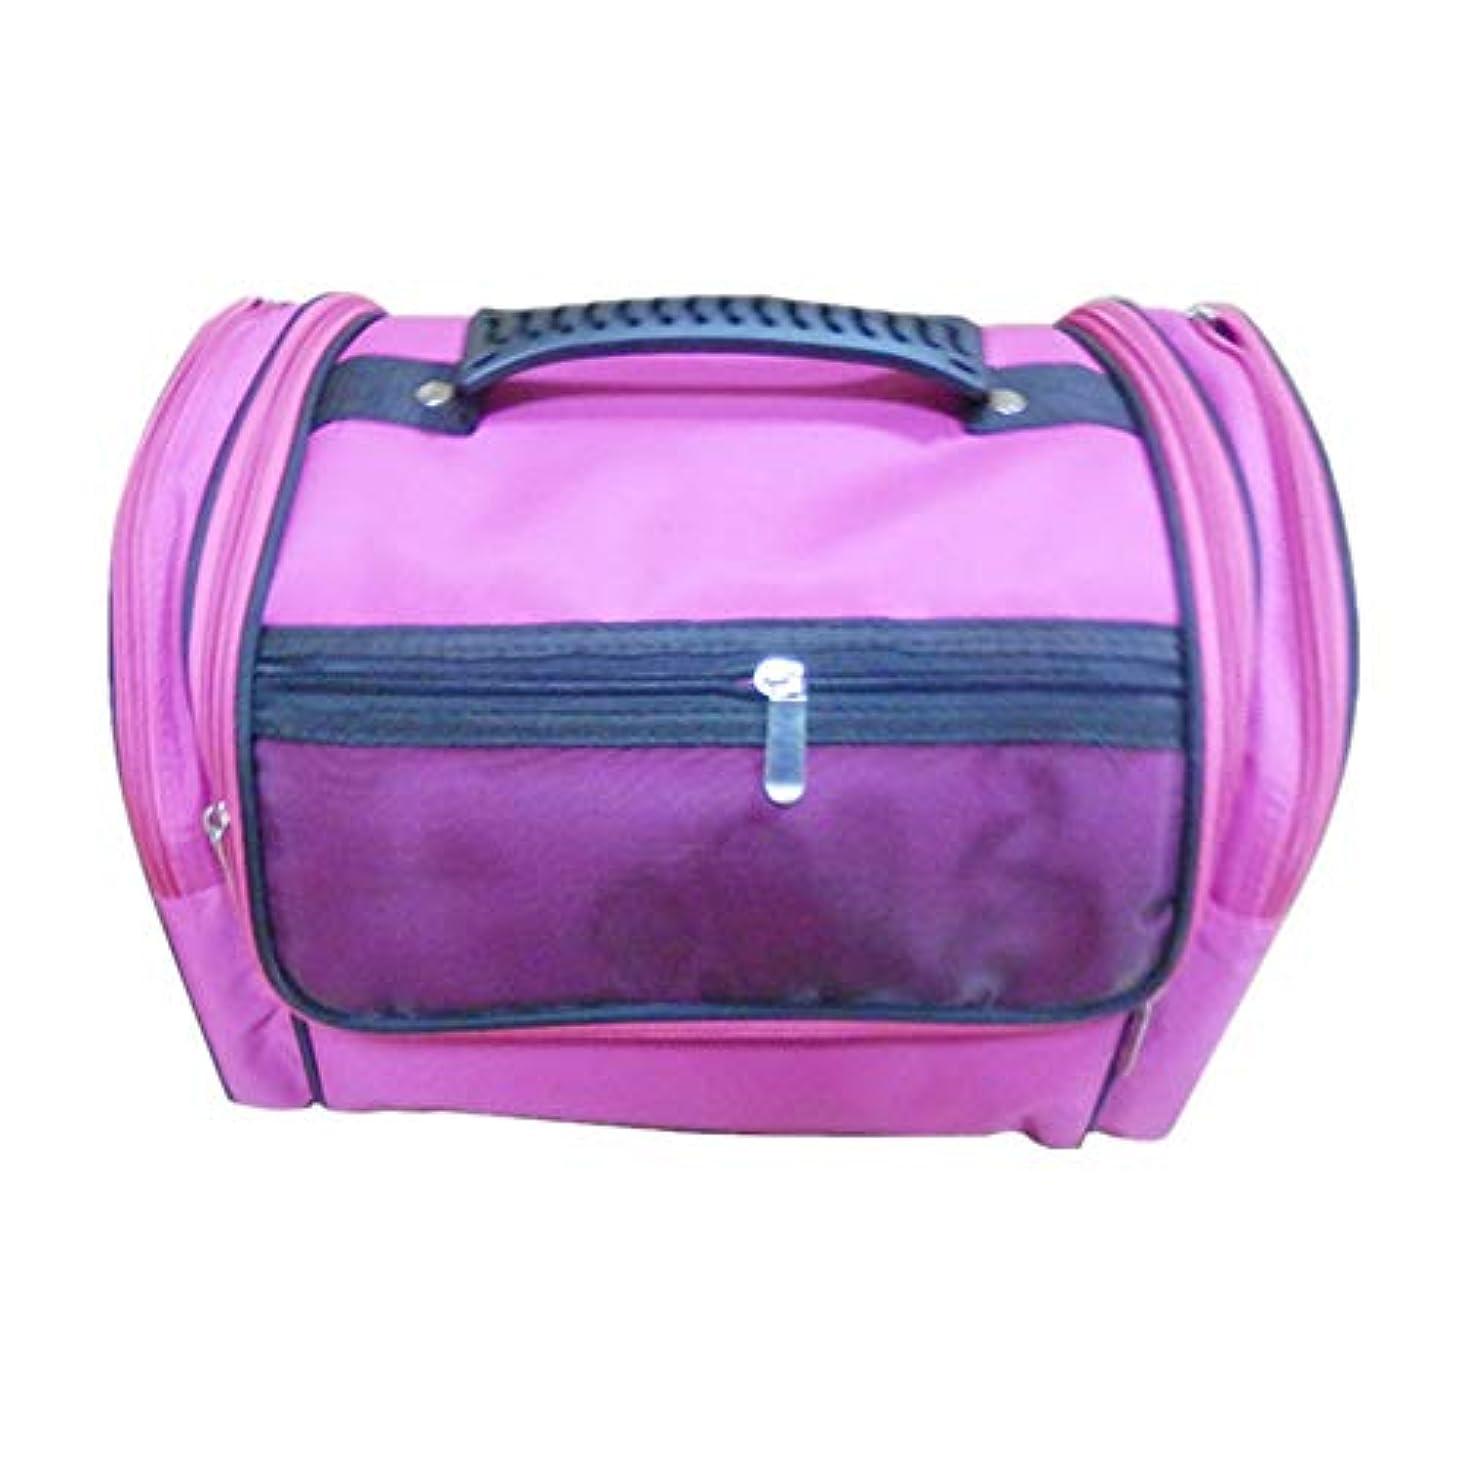 床を掃除するレンダリングピラミッド化粧オーガナイザーバッグ 高容量カジュアルポータ??ブルキャンバス化粧品バッグ旅行のための美容メイクアップとジッパーで毎日のストレージ 化粧品ケース